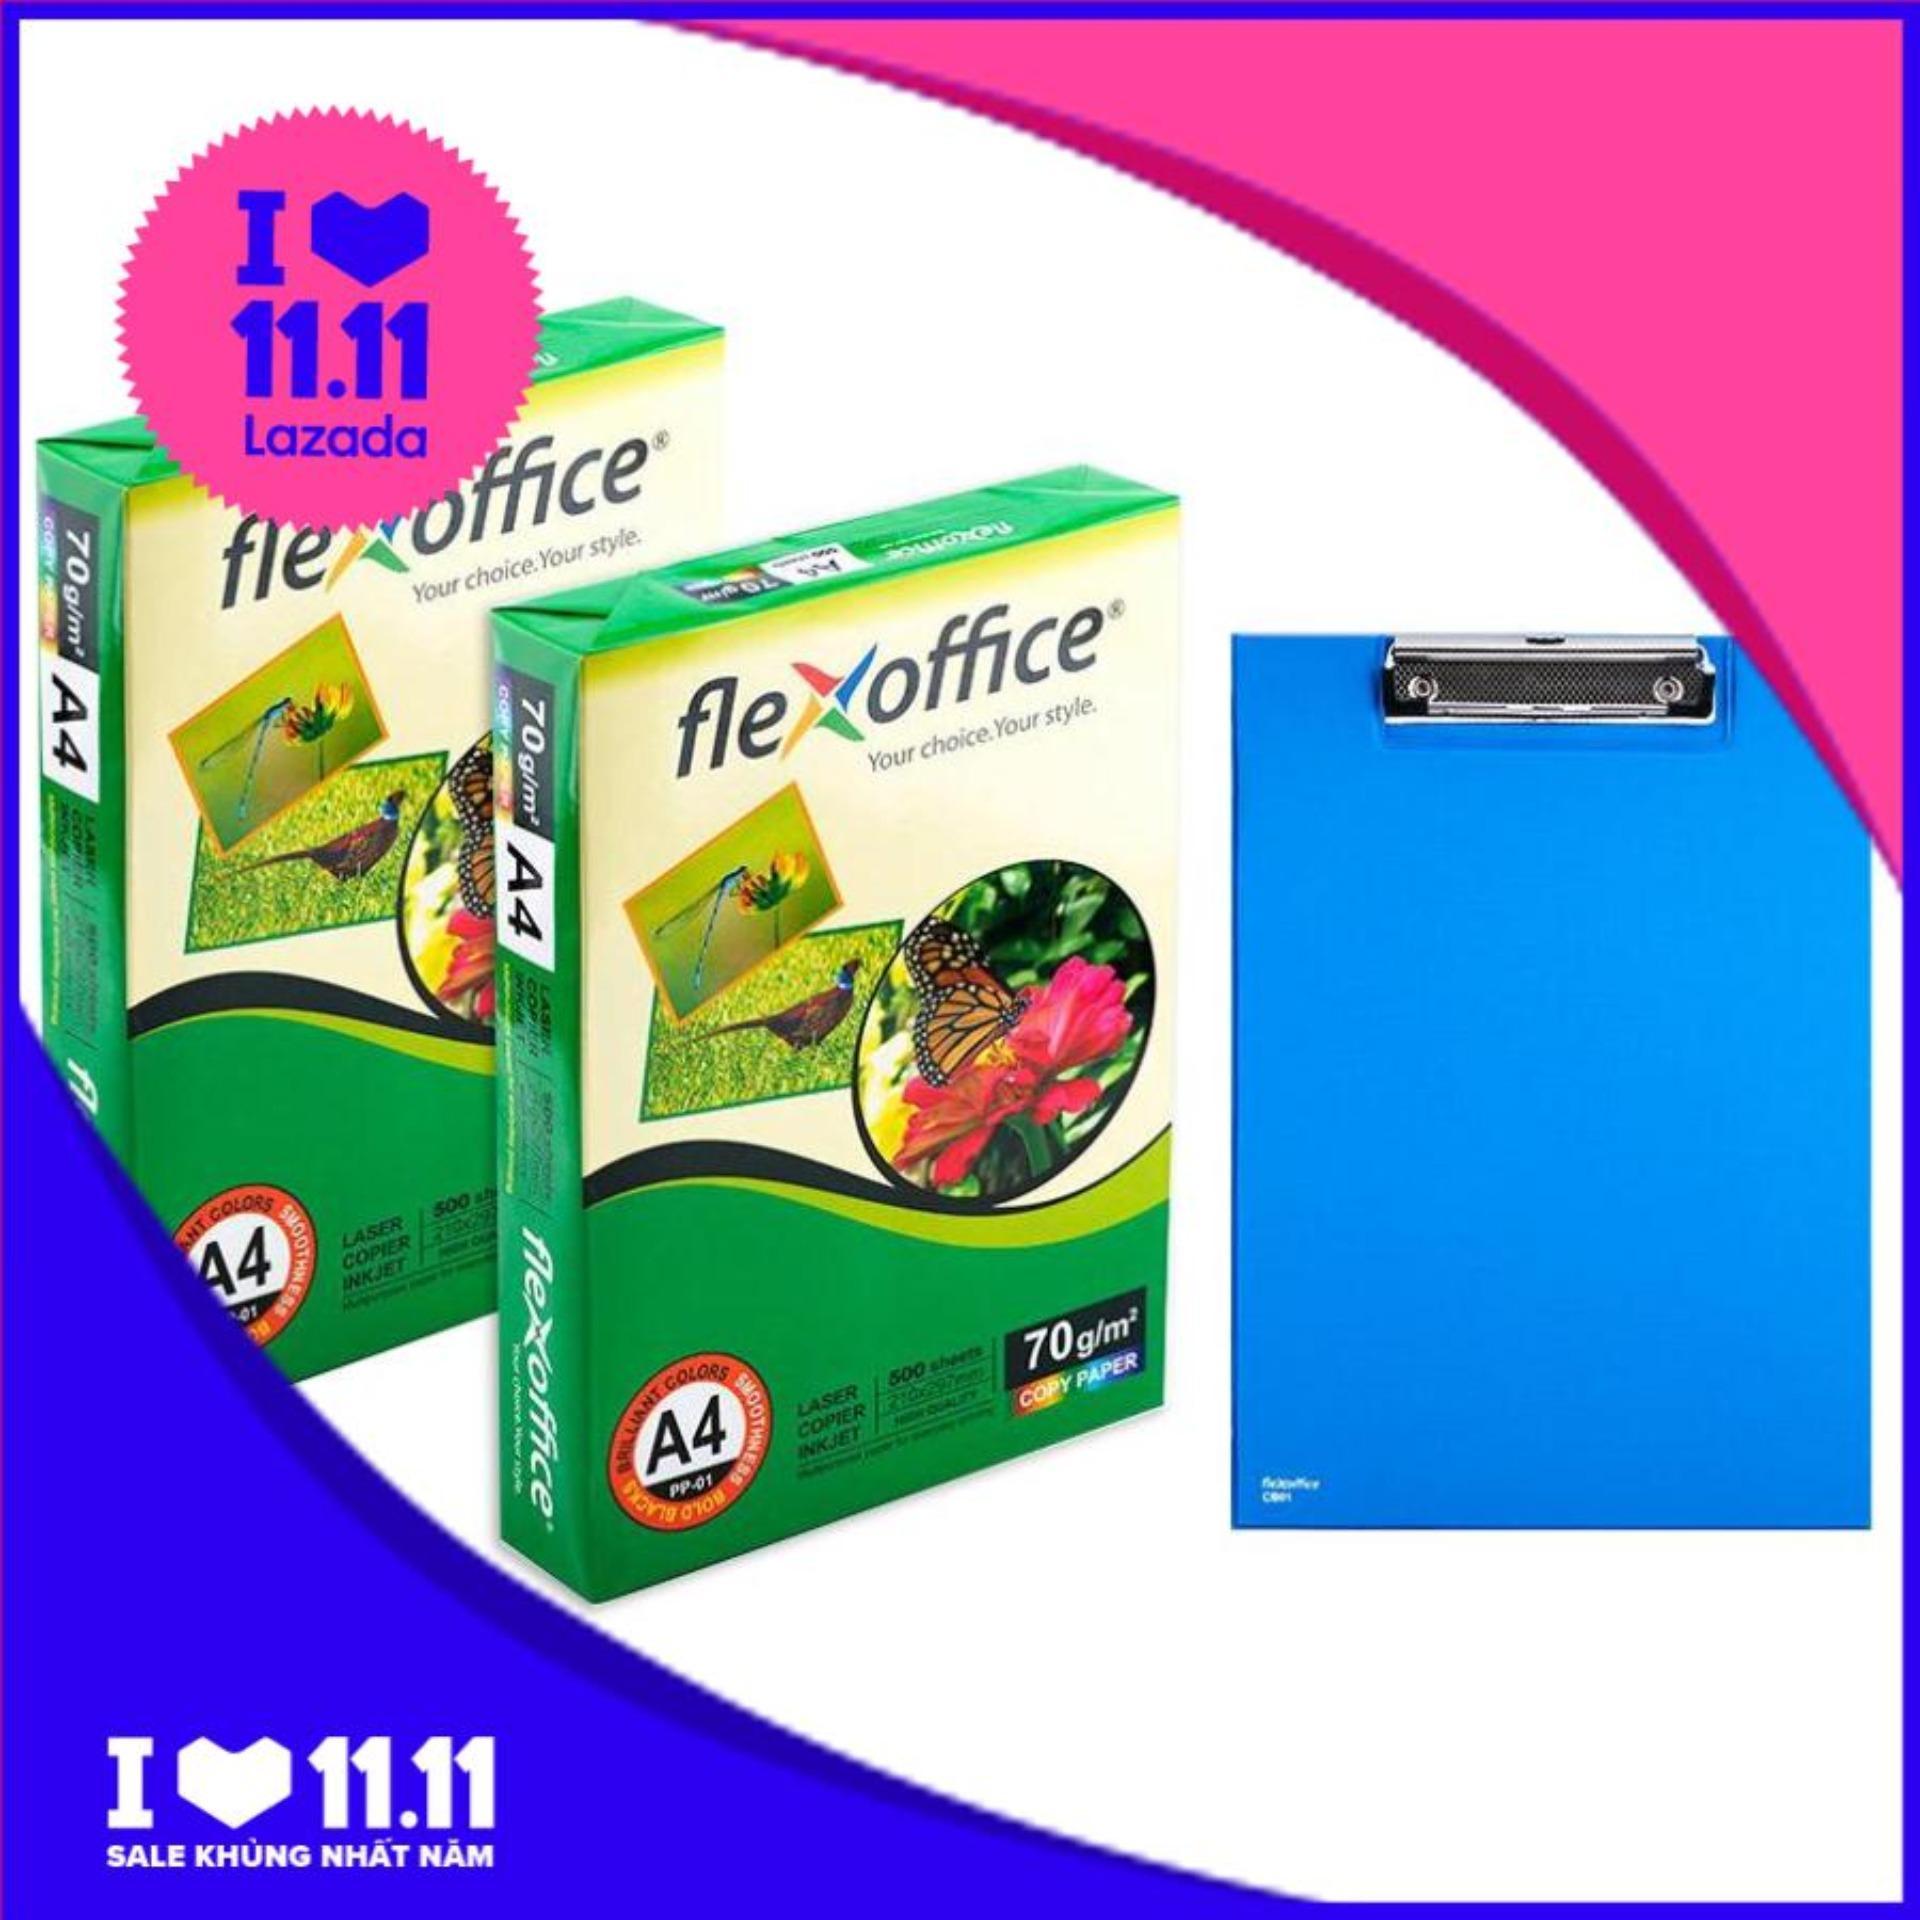 Mua Combo 2 Ream Giấy Flexoffice A4/70 PP-01 + Bìa trình ký FO-CB02